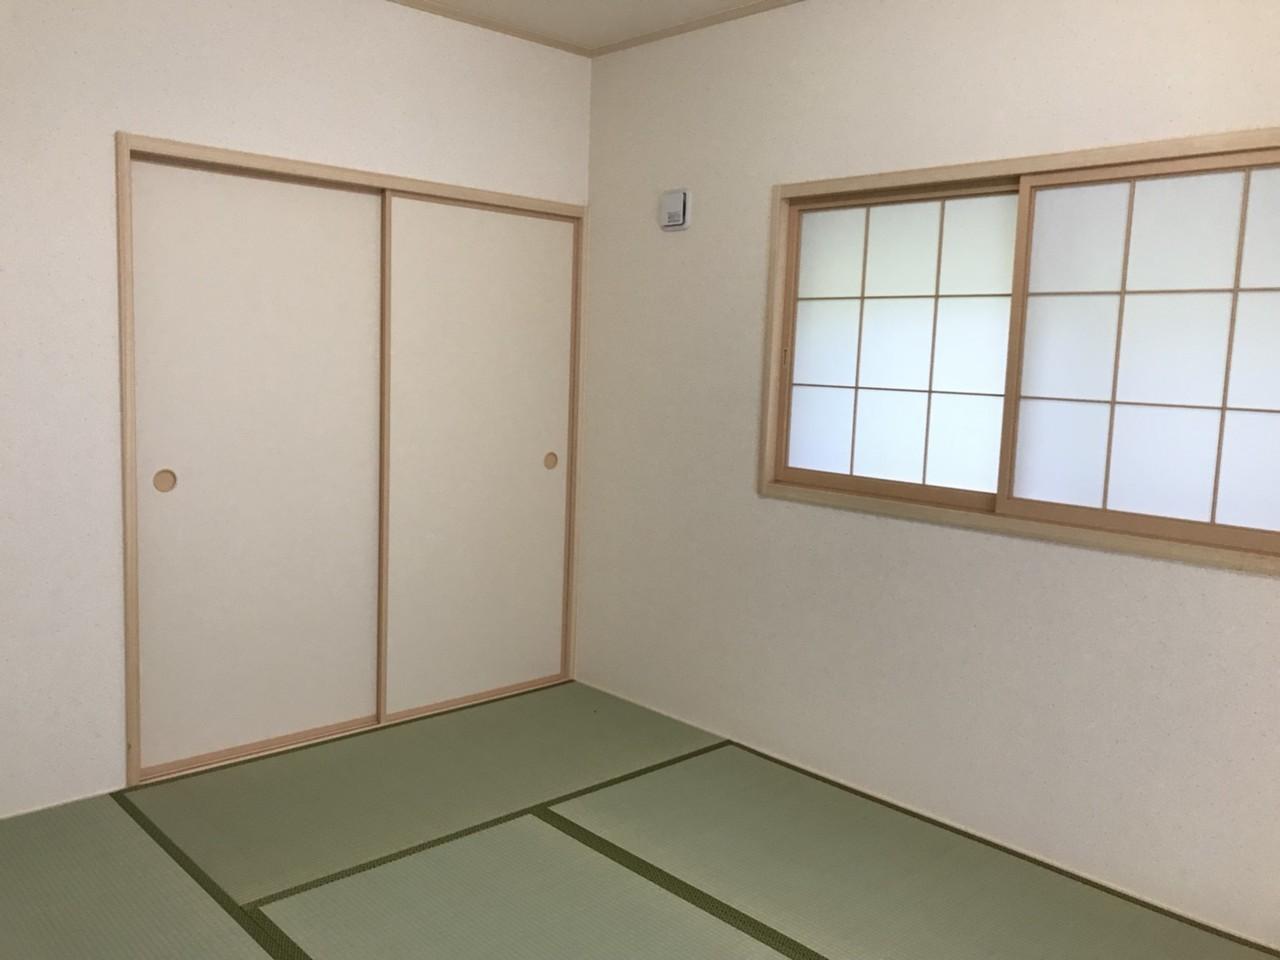 ◎1階には6畳の和室があります。これから畳を張る状態です。リビングと隣室のため、より広々空間を楽しめます♪